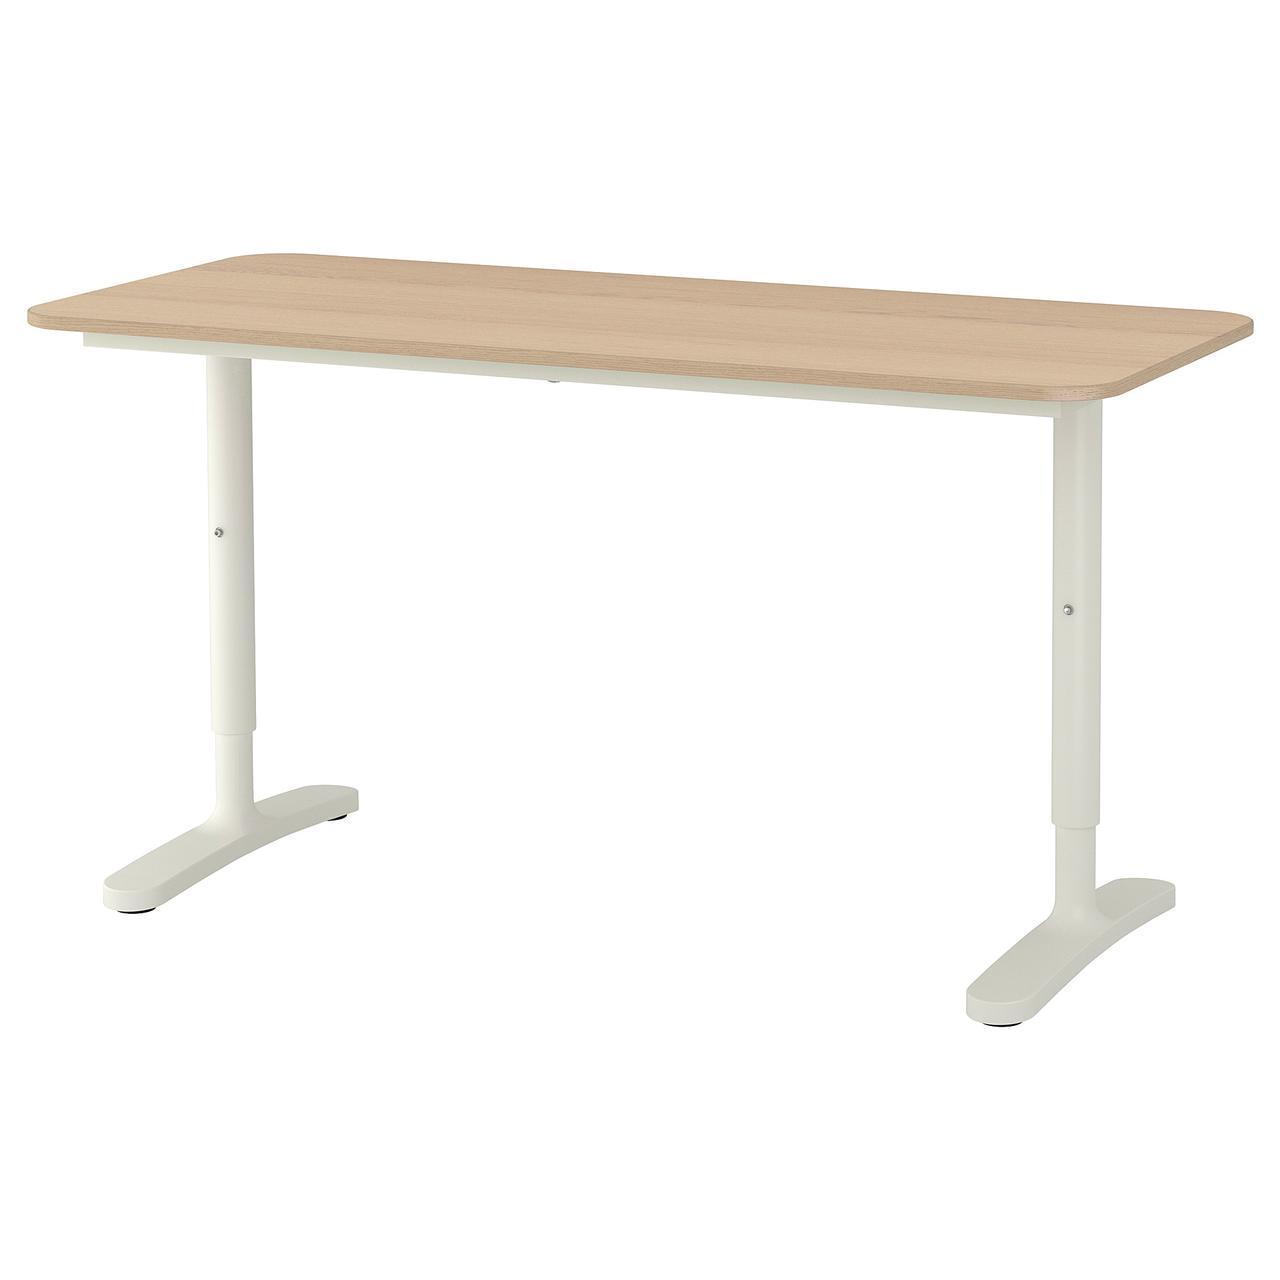 Комп'ютерний стіл IKEA BEKANT 140x60 см дубовий шпон білий 492.826.68